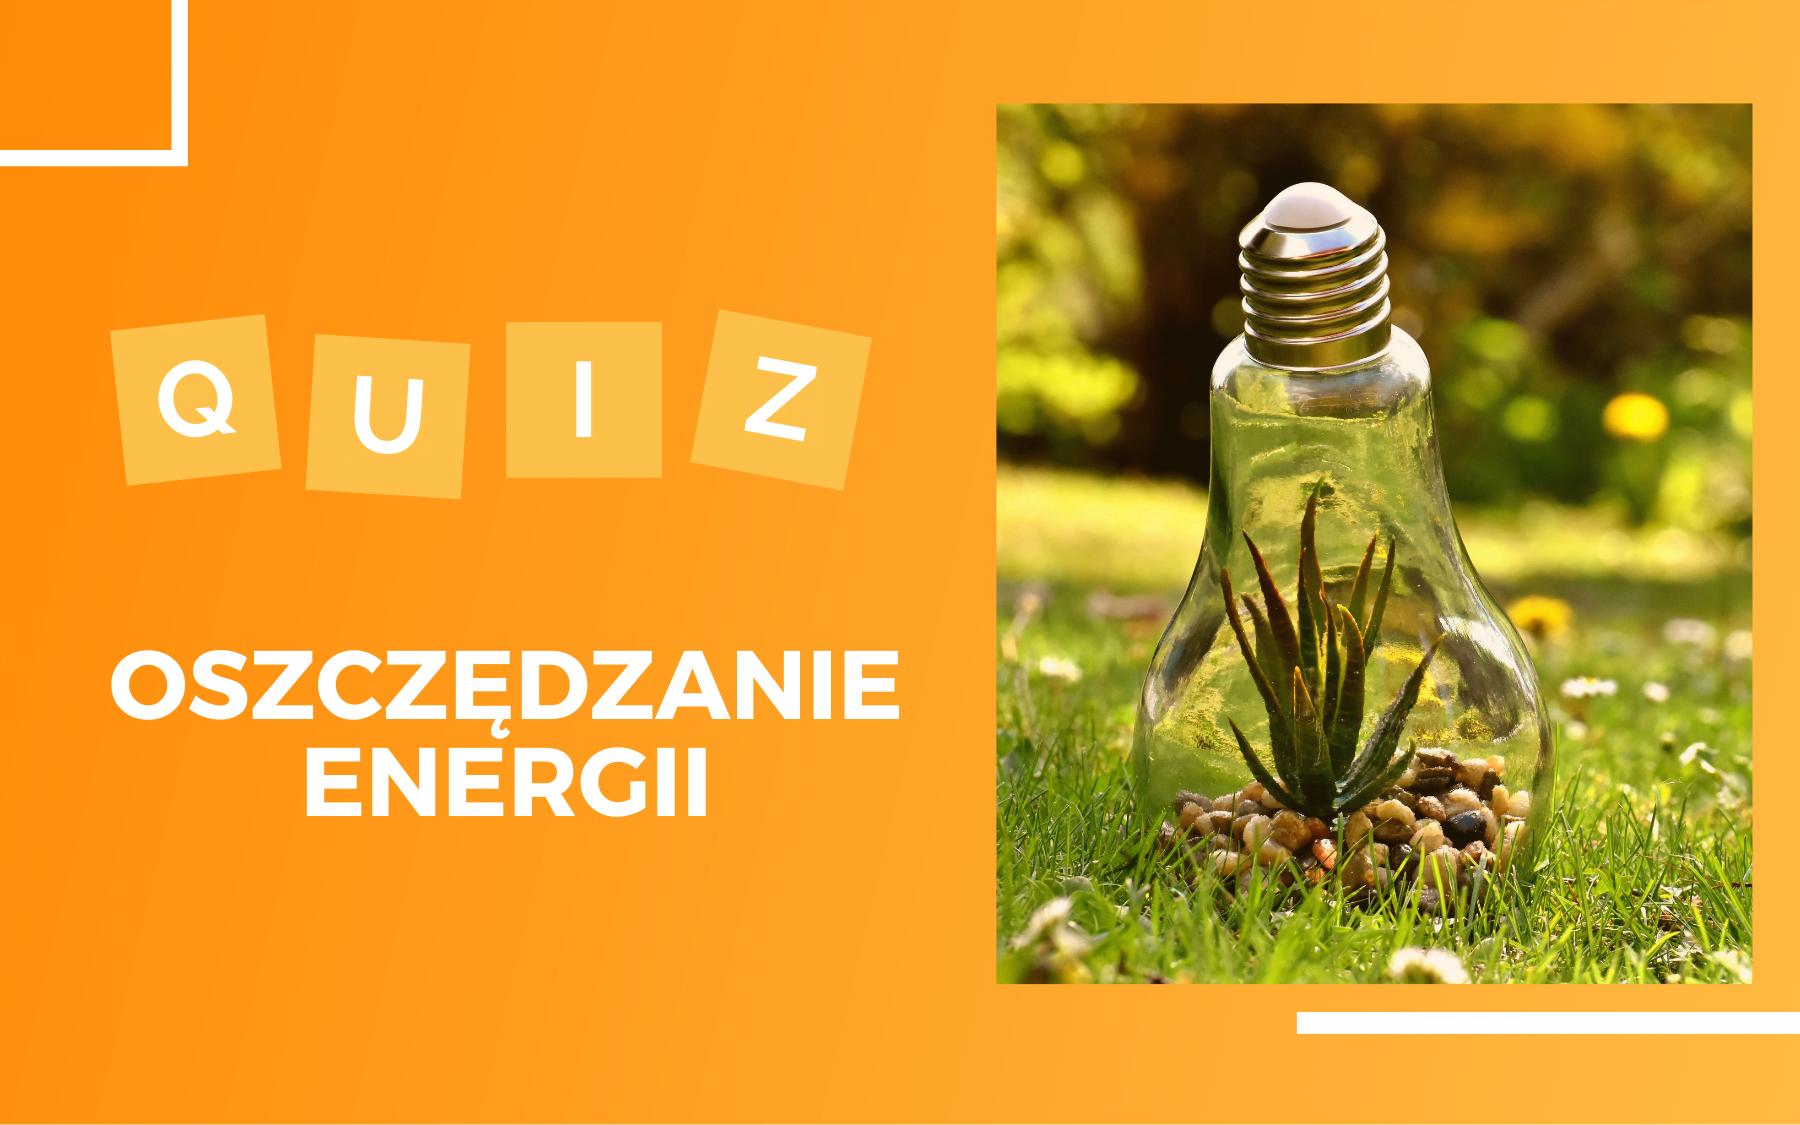 """Po prawej stronie zdjęcie roślinki rosnącej wewnątrz żarówki umieszczonej na trawie w parku. Po lewej biały napis """"Quiz oszczędzanie energii"""""""